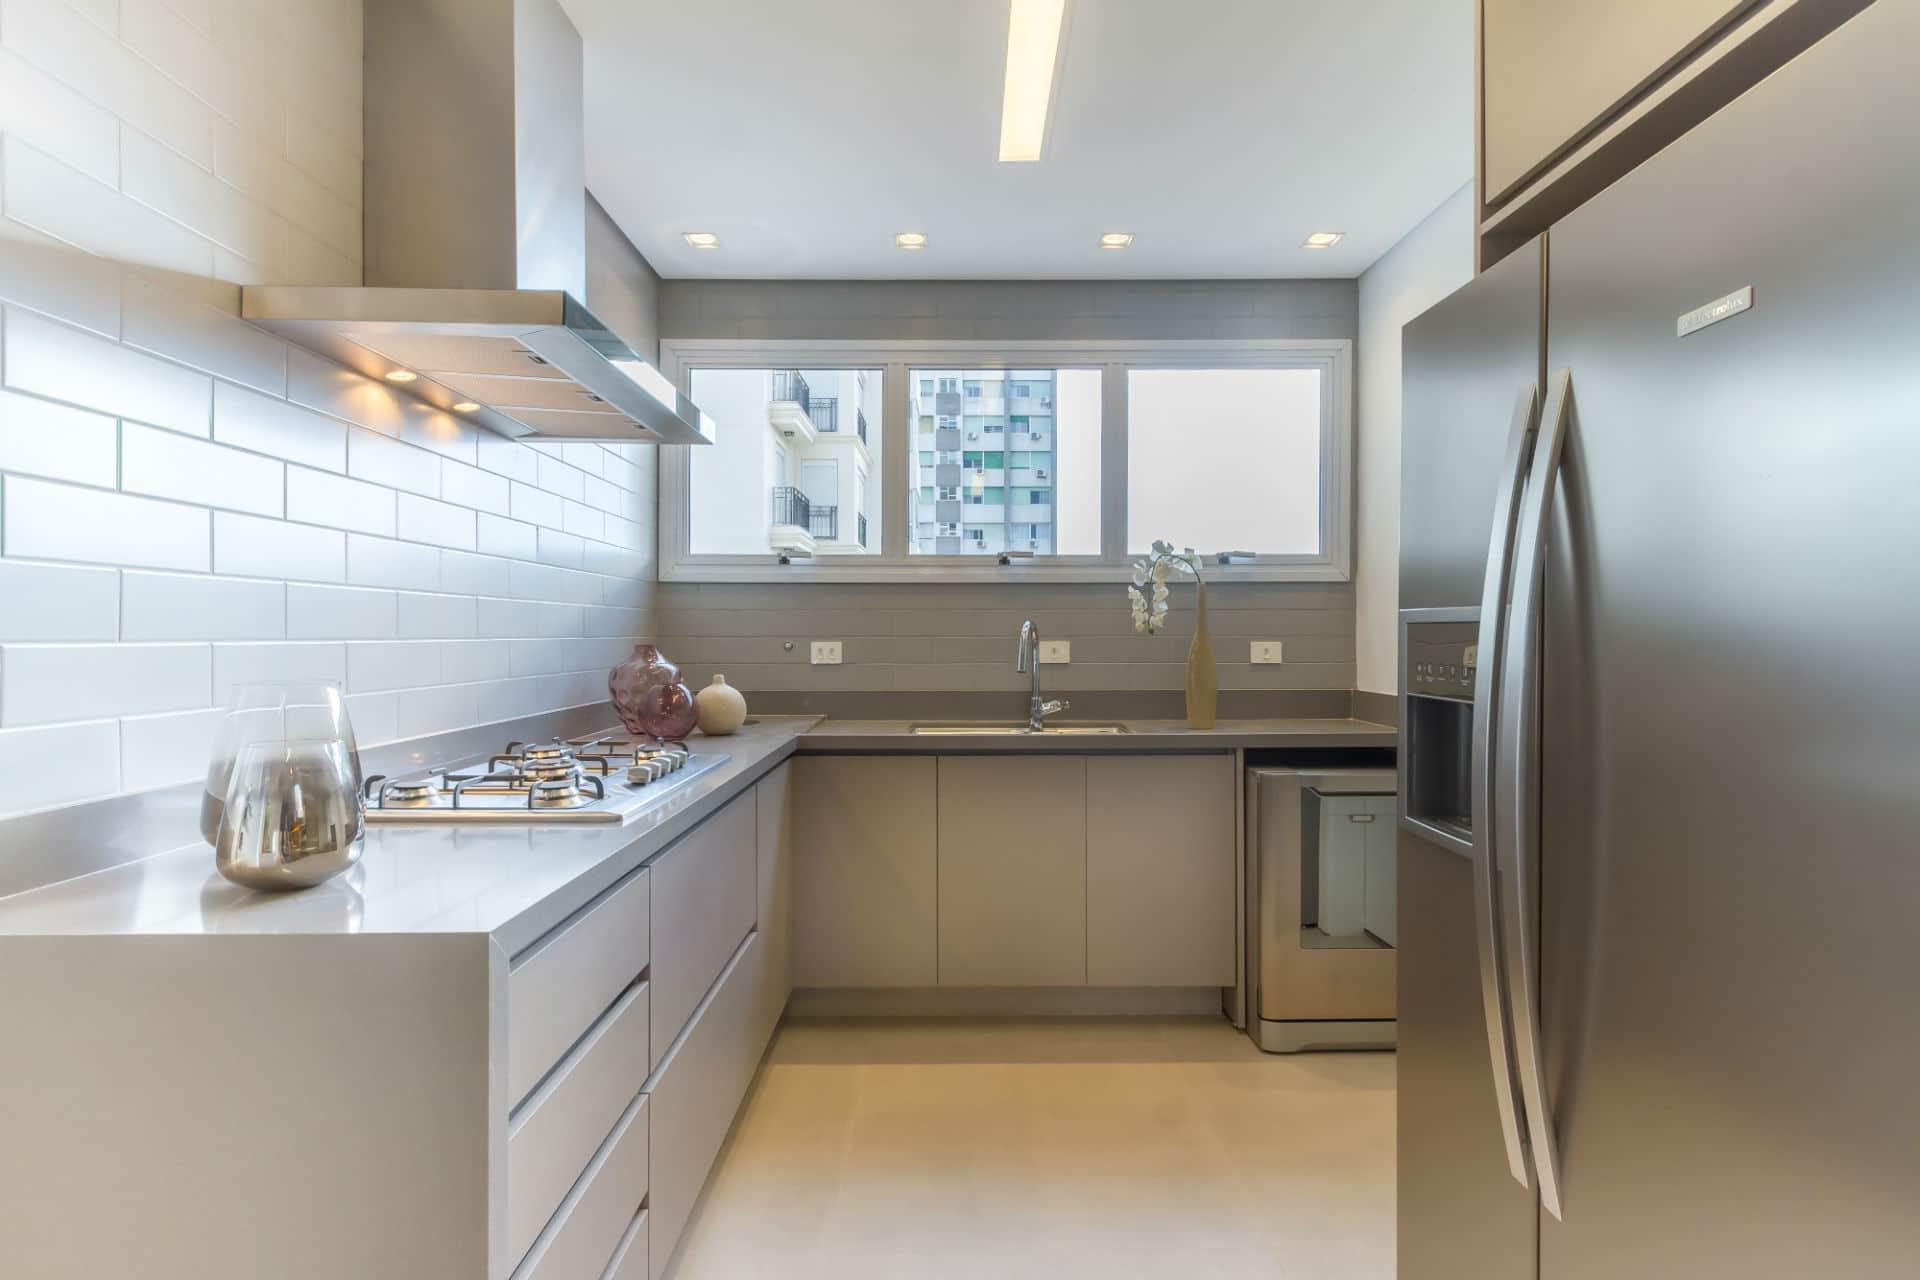 Cozinha: apostar em tons parecidos nos armários e nos revestimentos deixa ambiente harmonioso